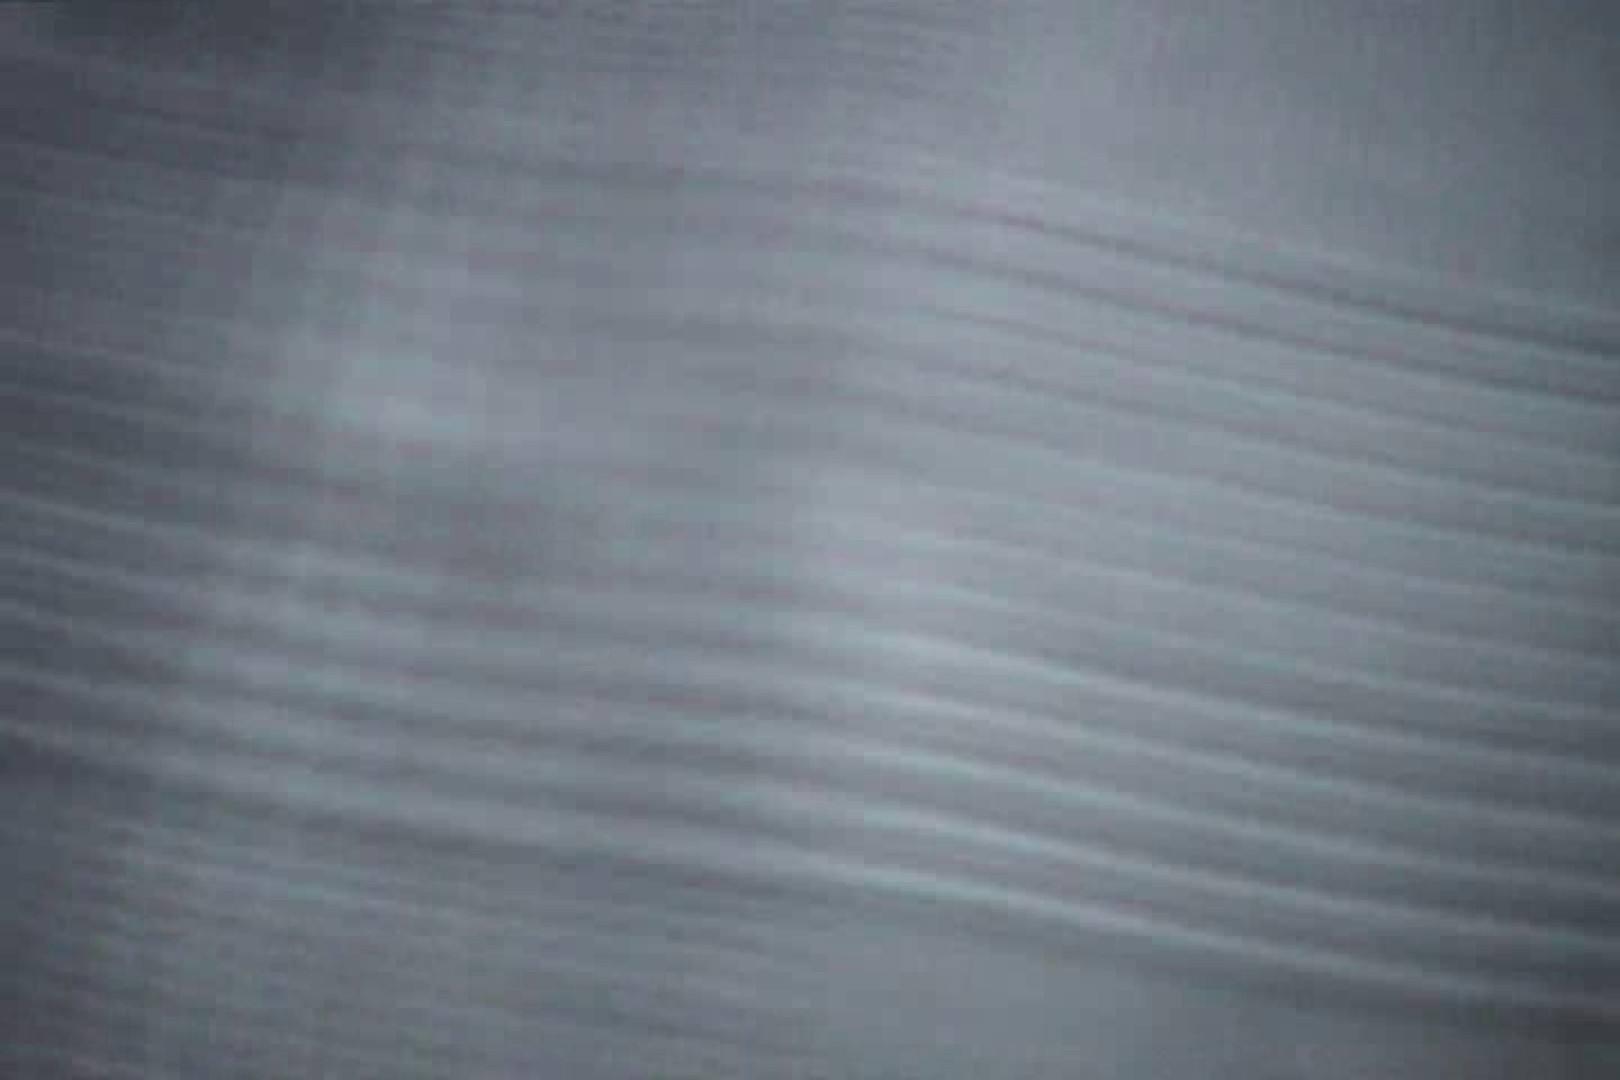 パンチラ局部接写!低空飛行Vol.13 パンチラ AV無料動画キャプチャ 42連発 39